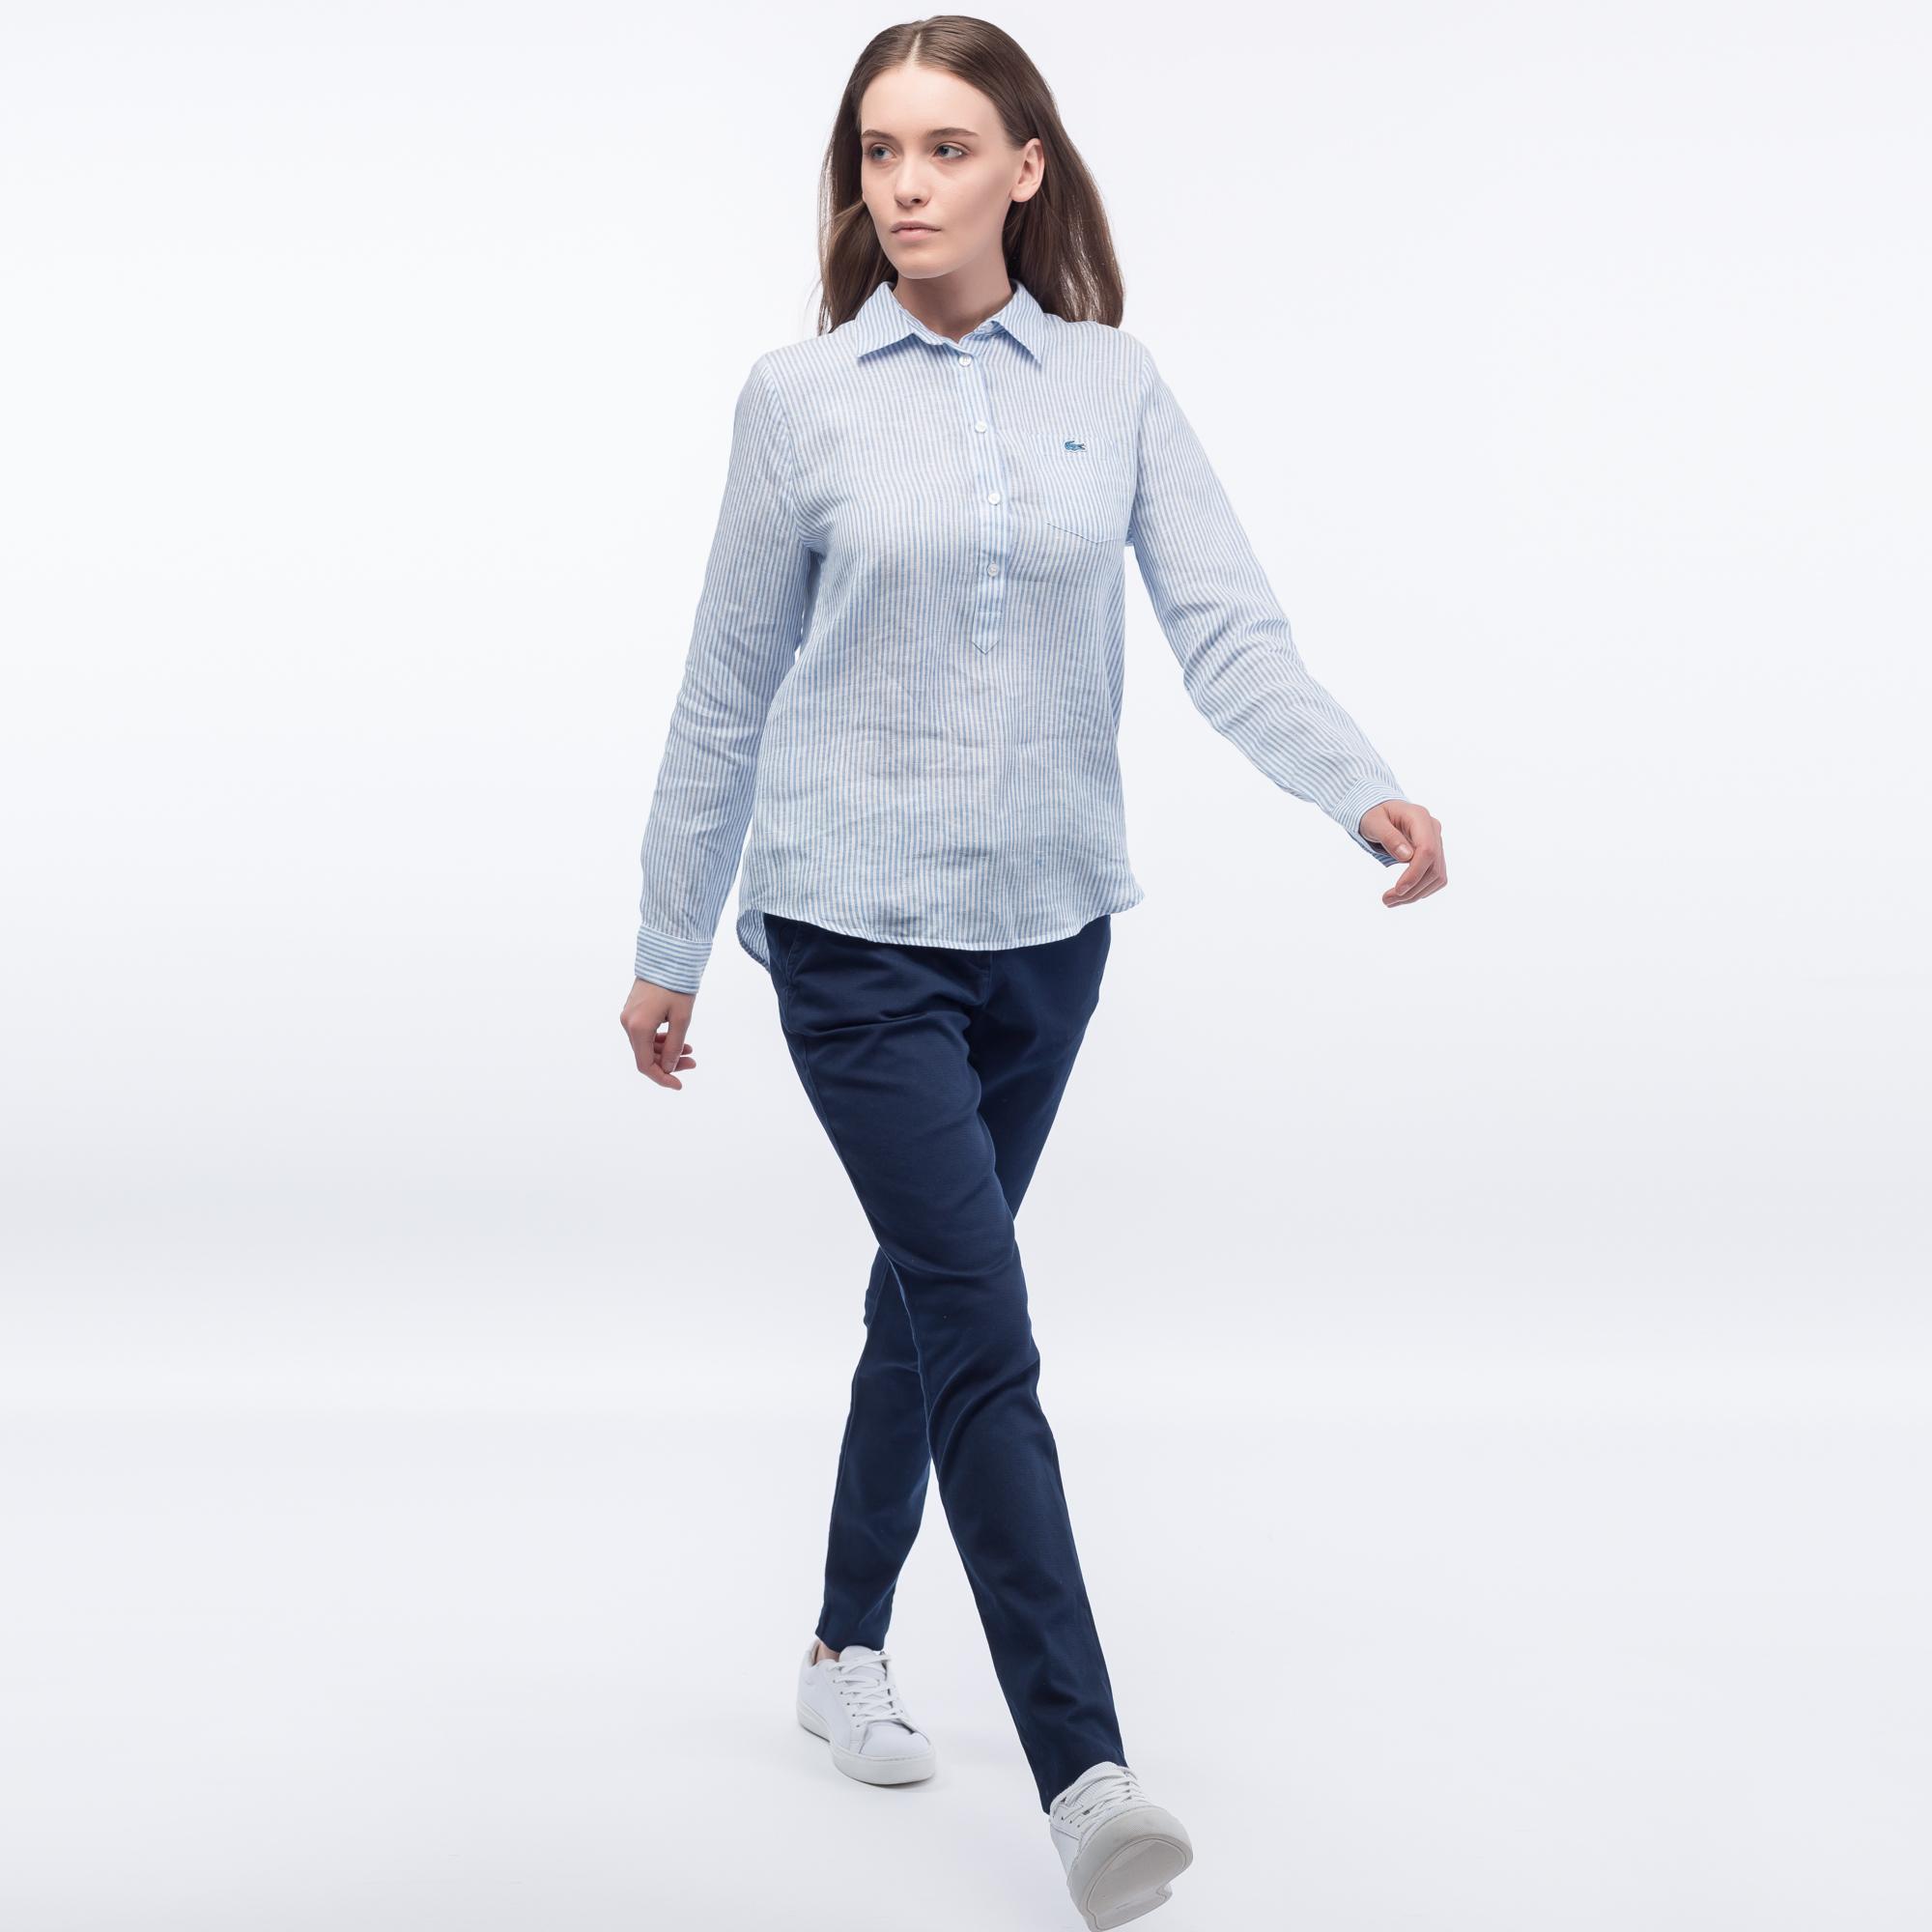 Фото 2 - Рубашку Lacoste Loose fit голубого цвета